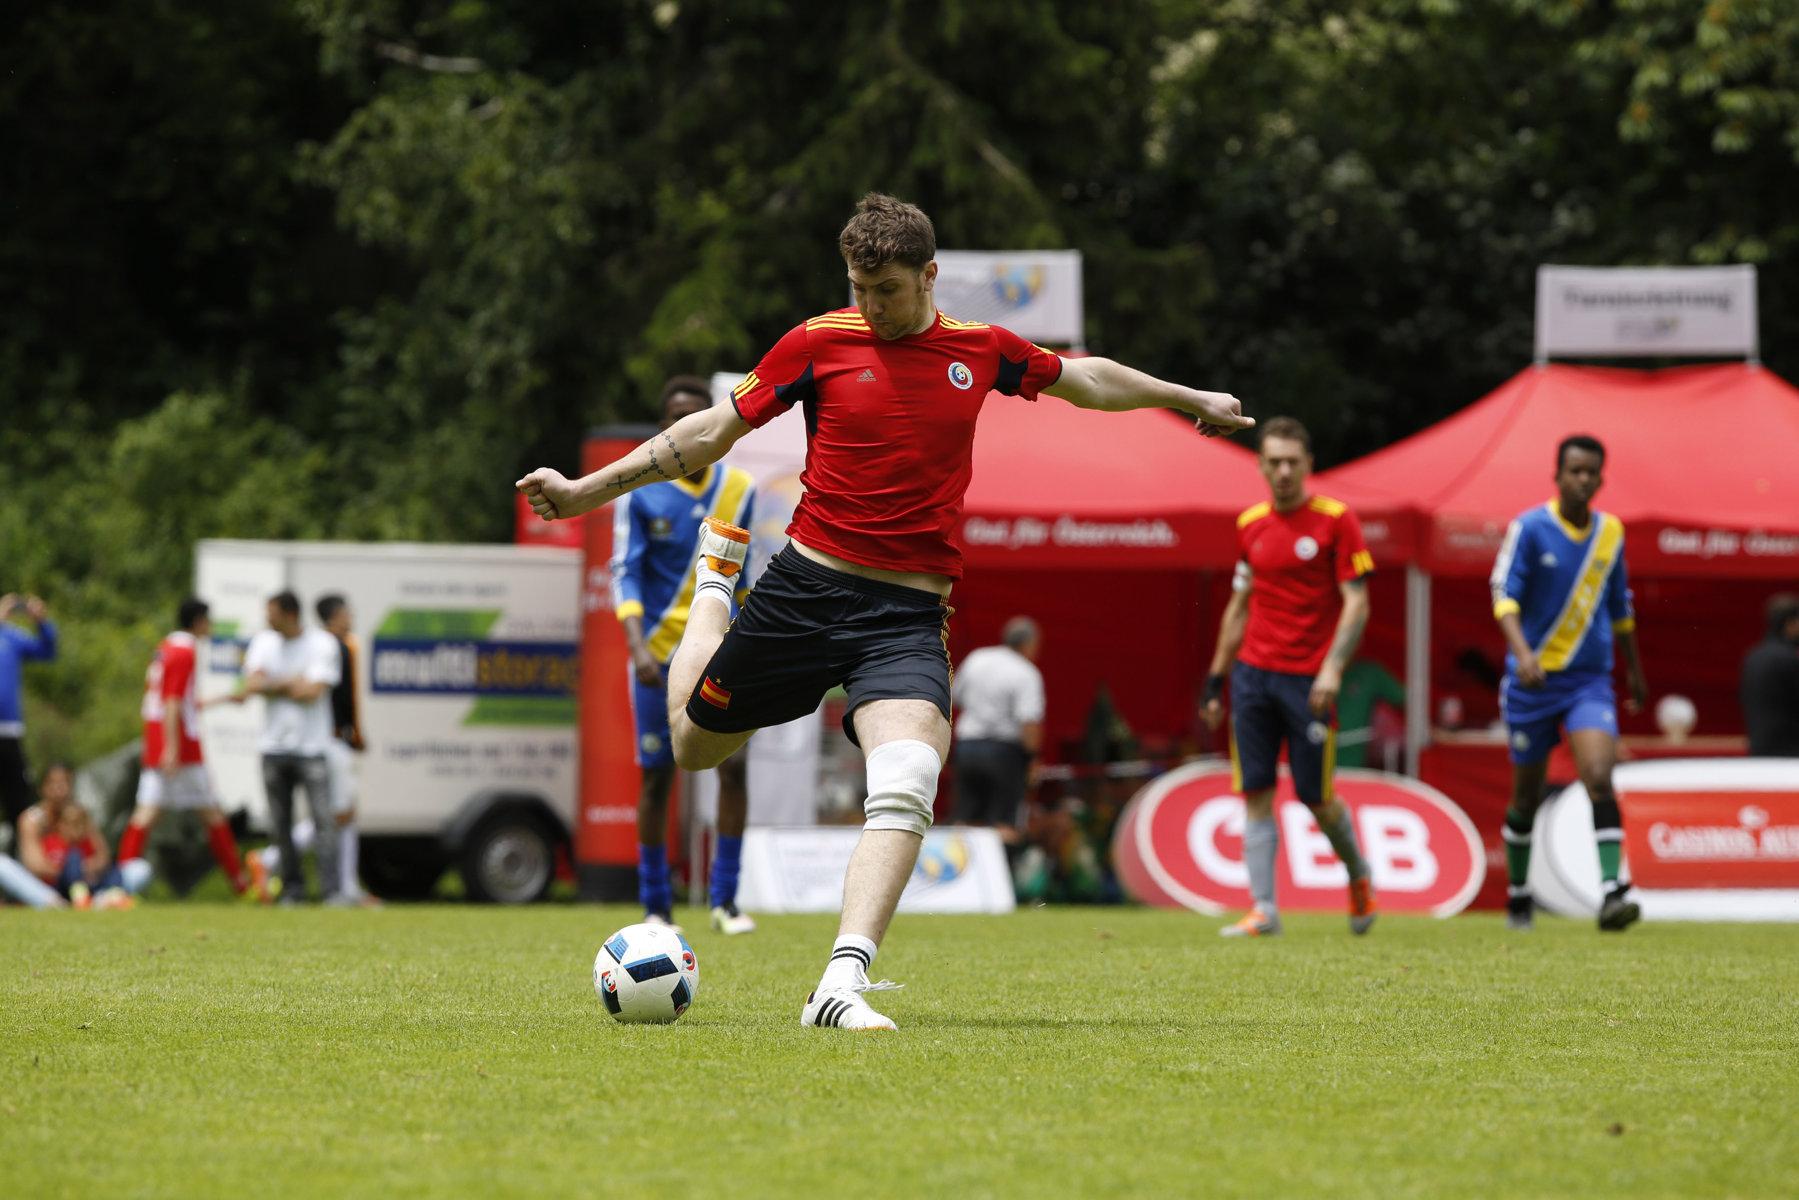 FB Linz 2016 (45)